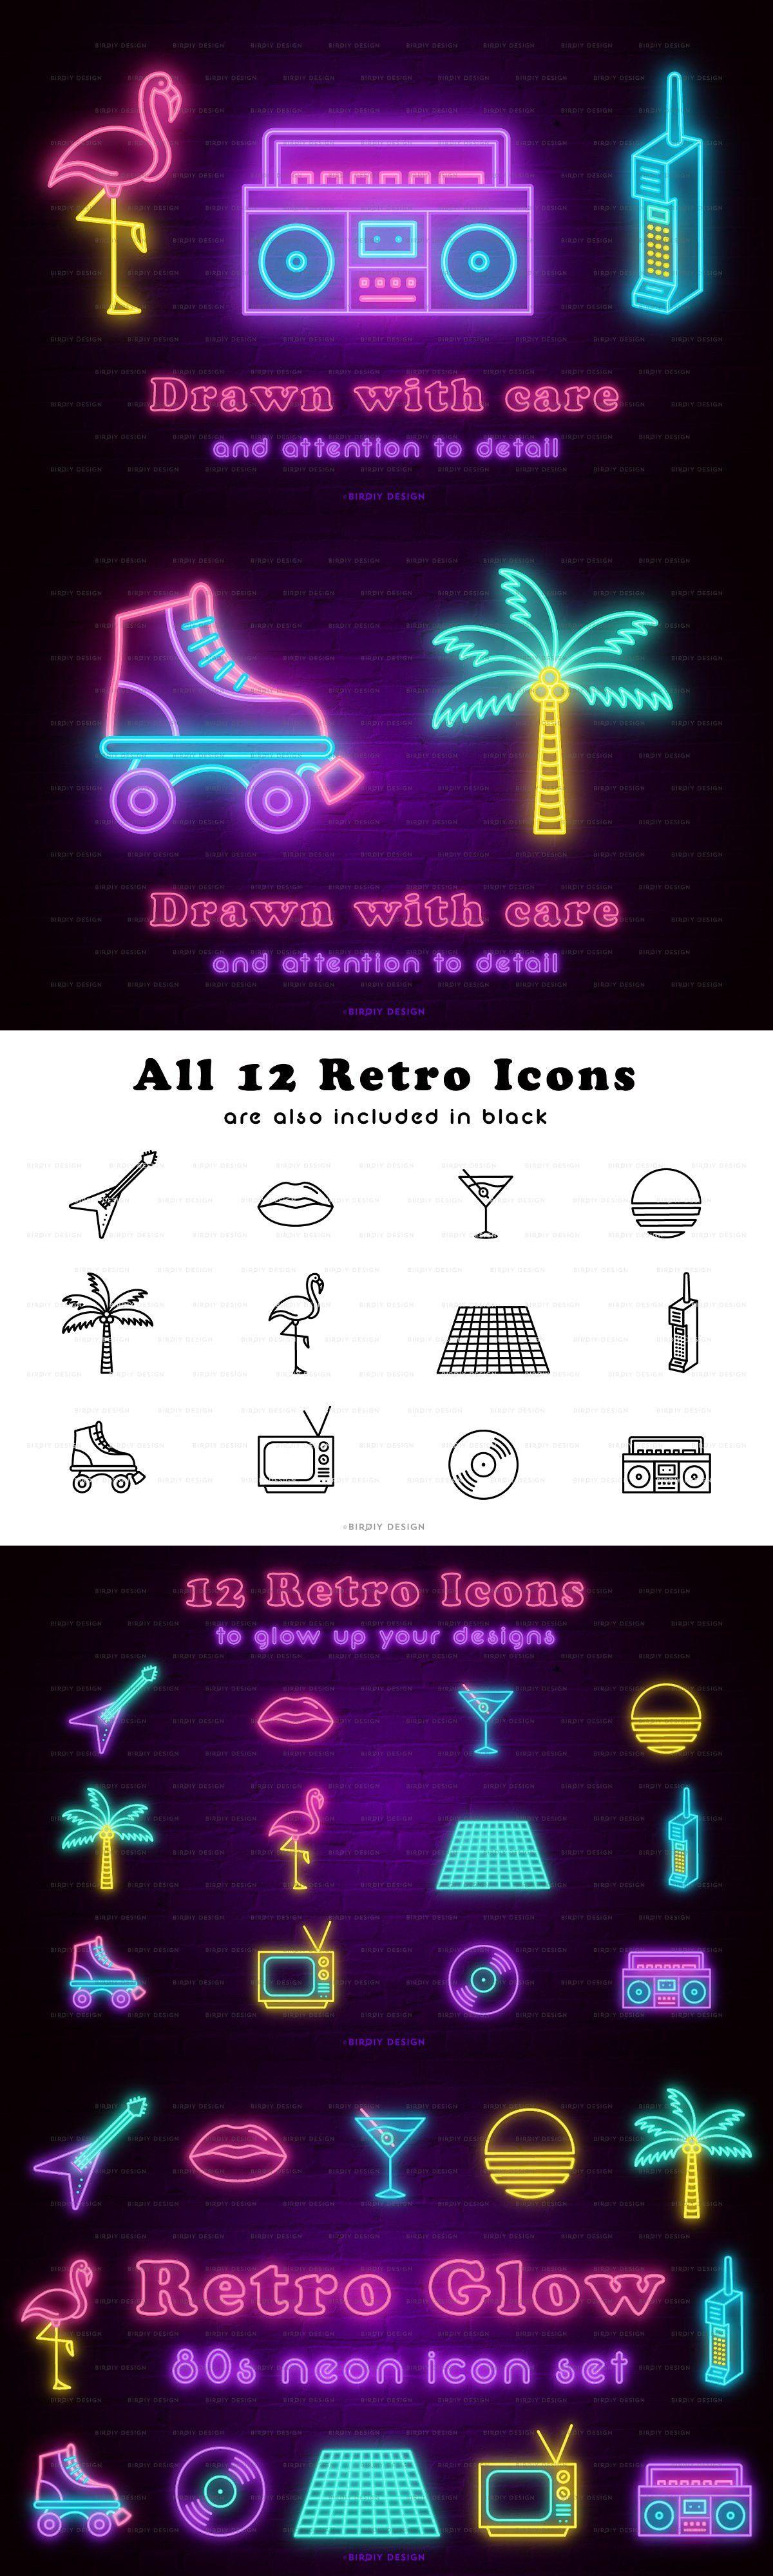 Retro Glow 80s Neon Icon Set in 2020 Icon set, 80s neon